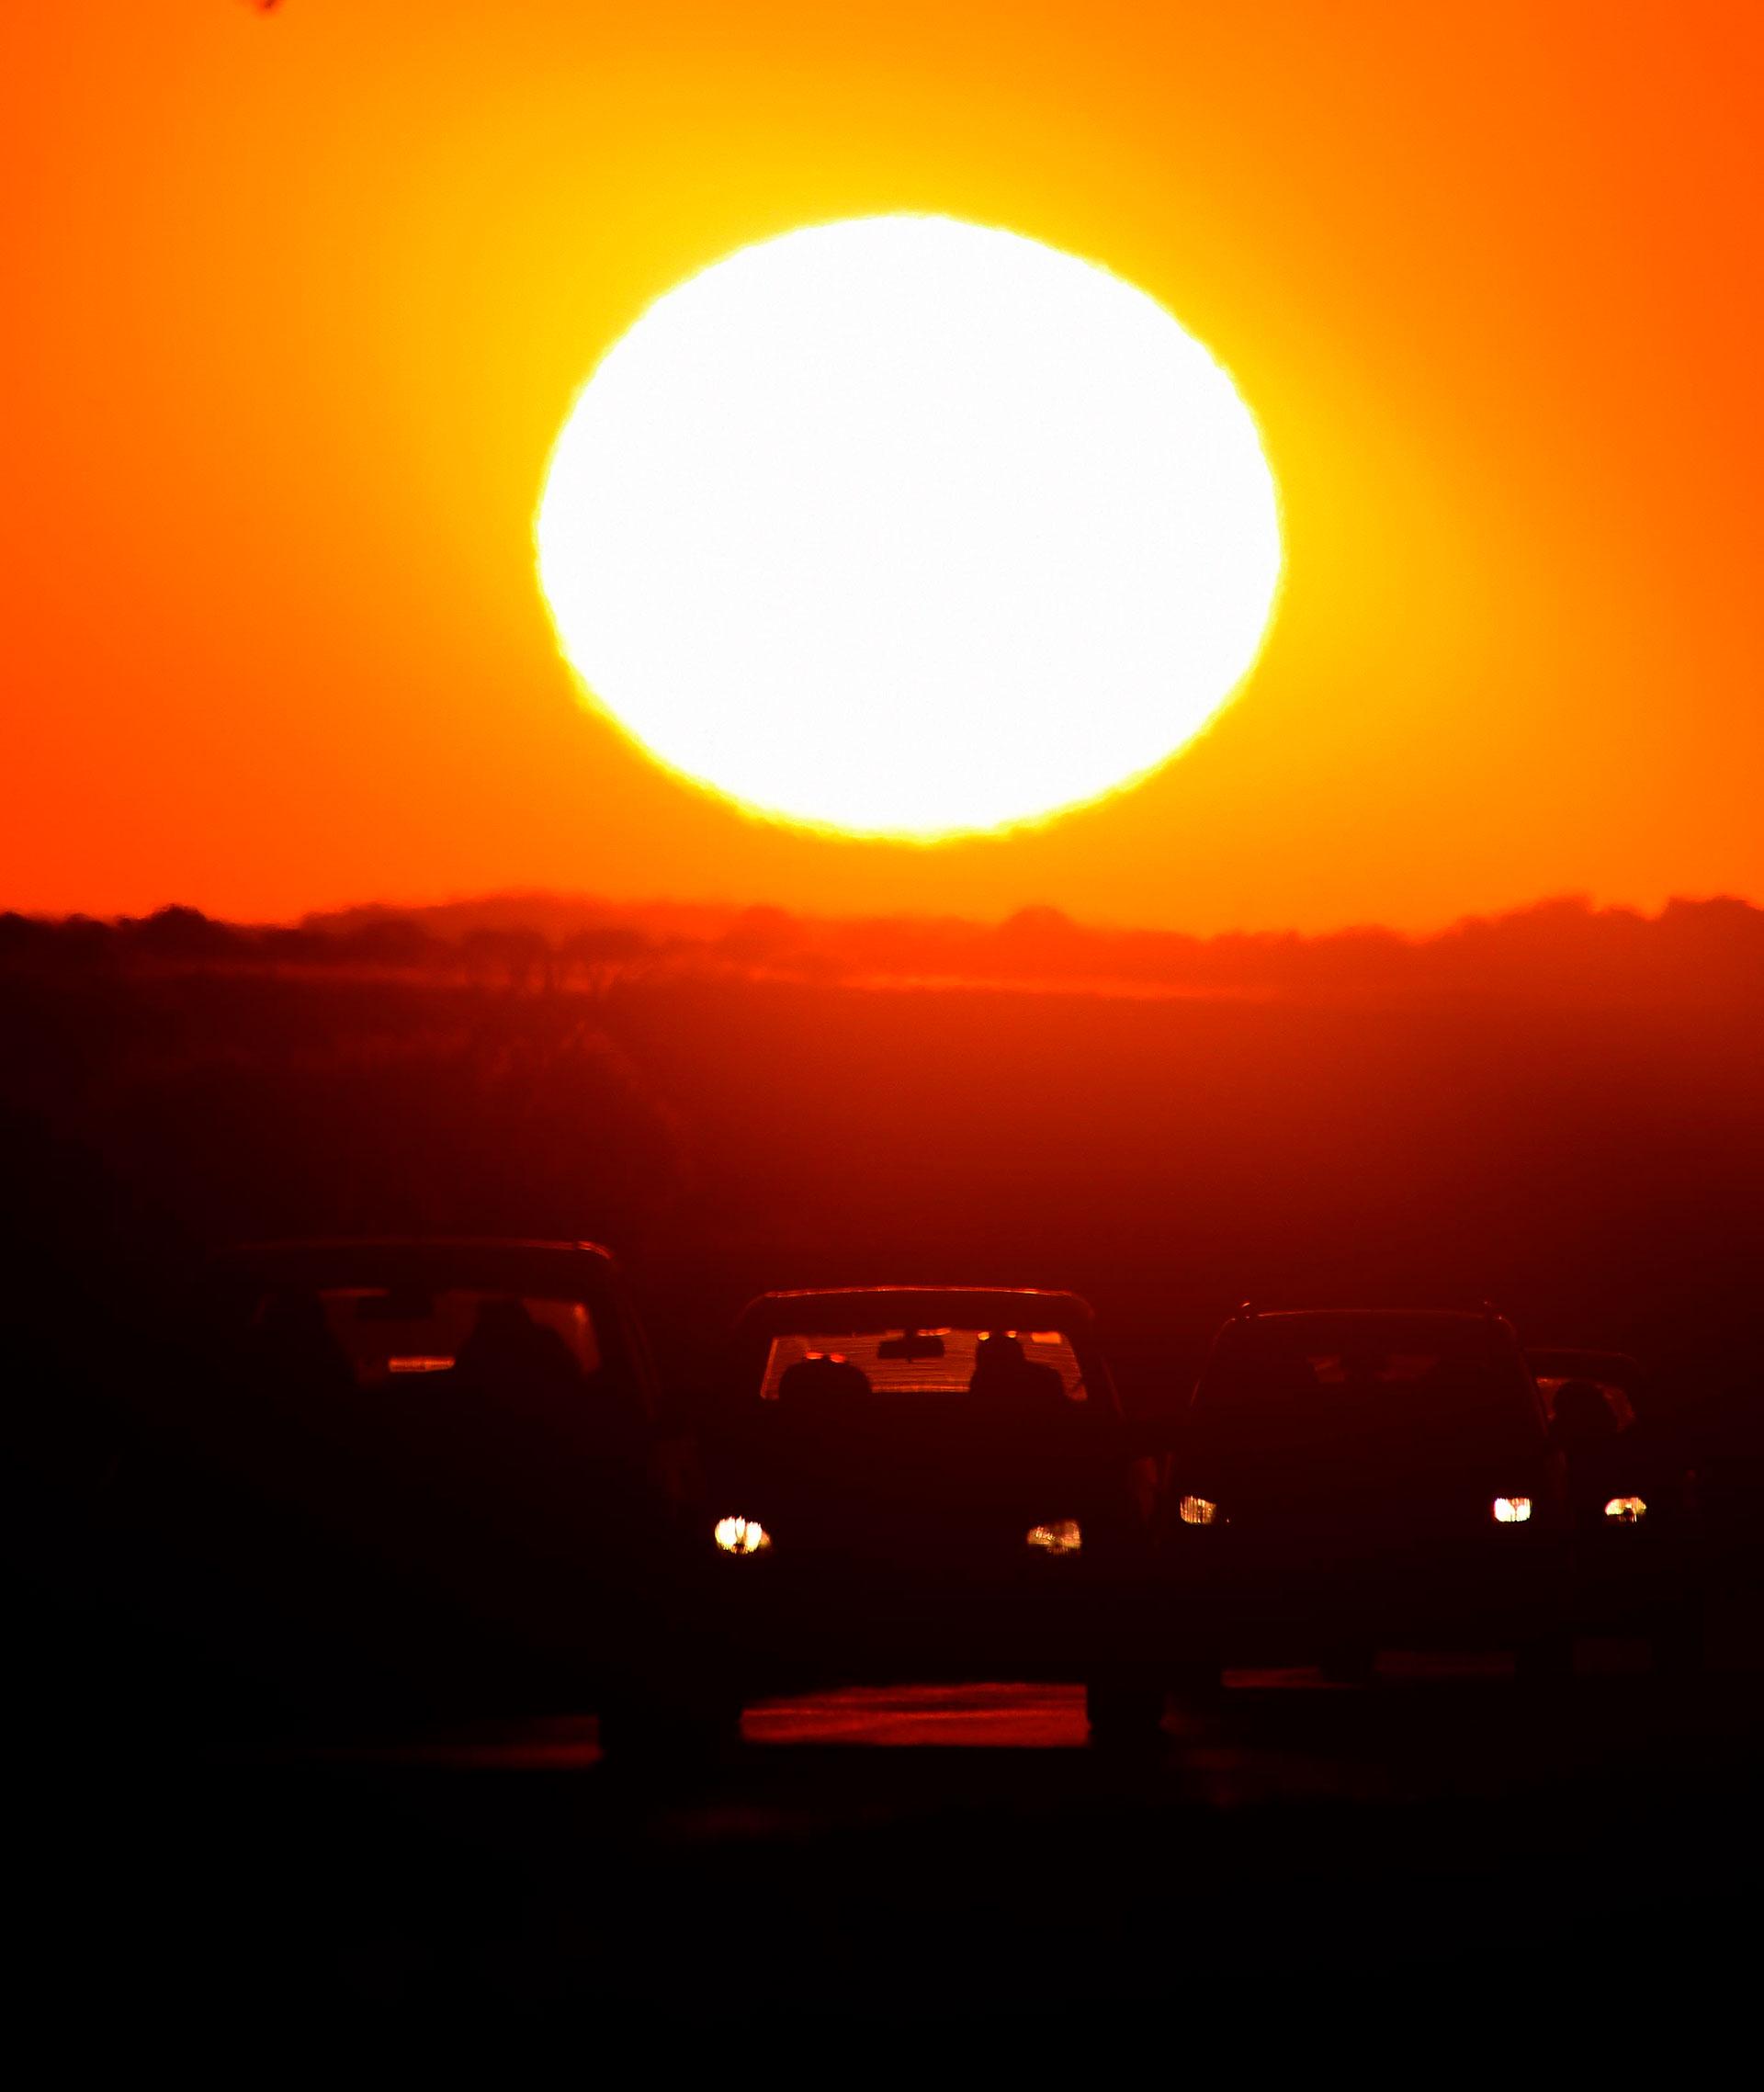 La caída del sol se produce cerca de las 21. Por eso, los turistas que llegaron hasta esas playas patagónicas para disfrutar de sus vacaciones aprovechan hasta el minuto de sol gracias al clima excepcional que tuvo lugar en esa zona del país